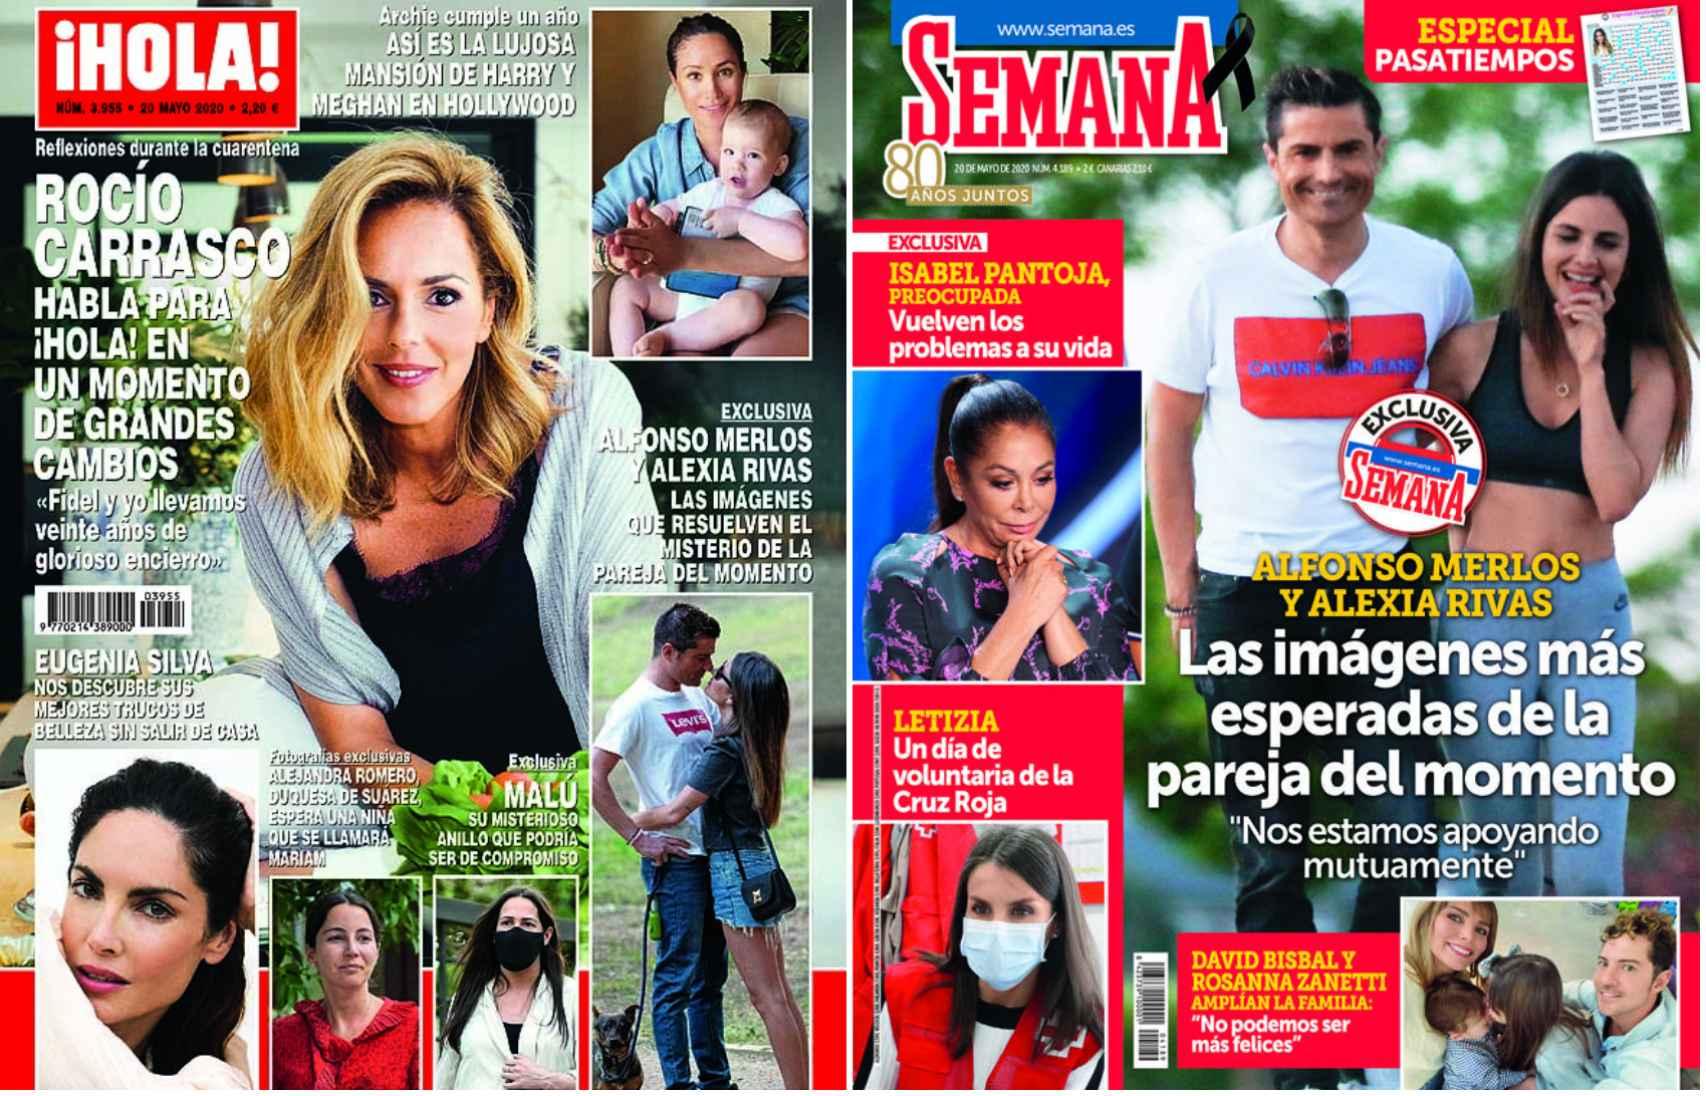 Portadas de las revistas '¡HOLA!' y 'Semana' con Alfonso Merlos y Alexia Rivas.